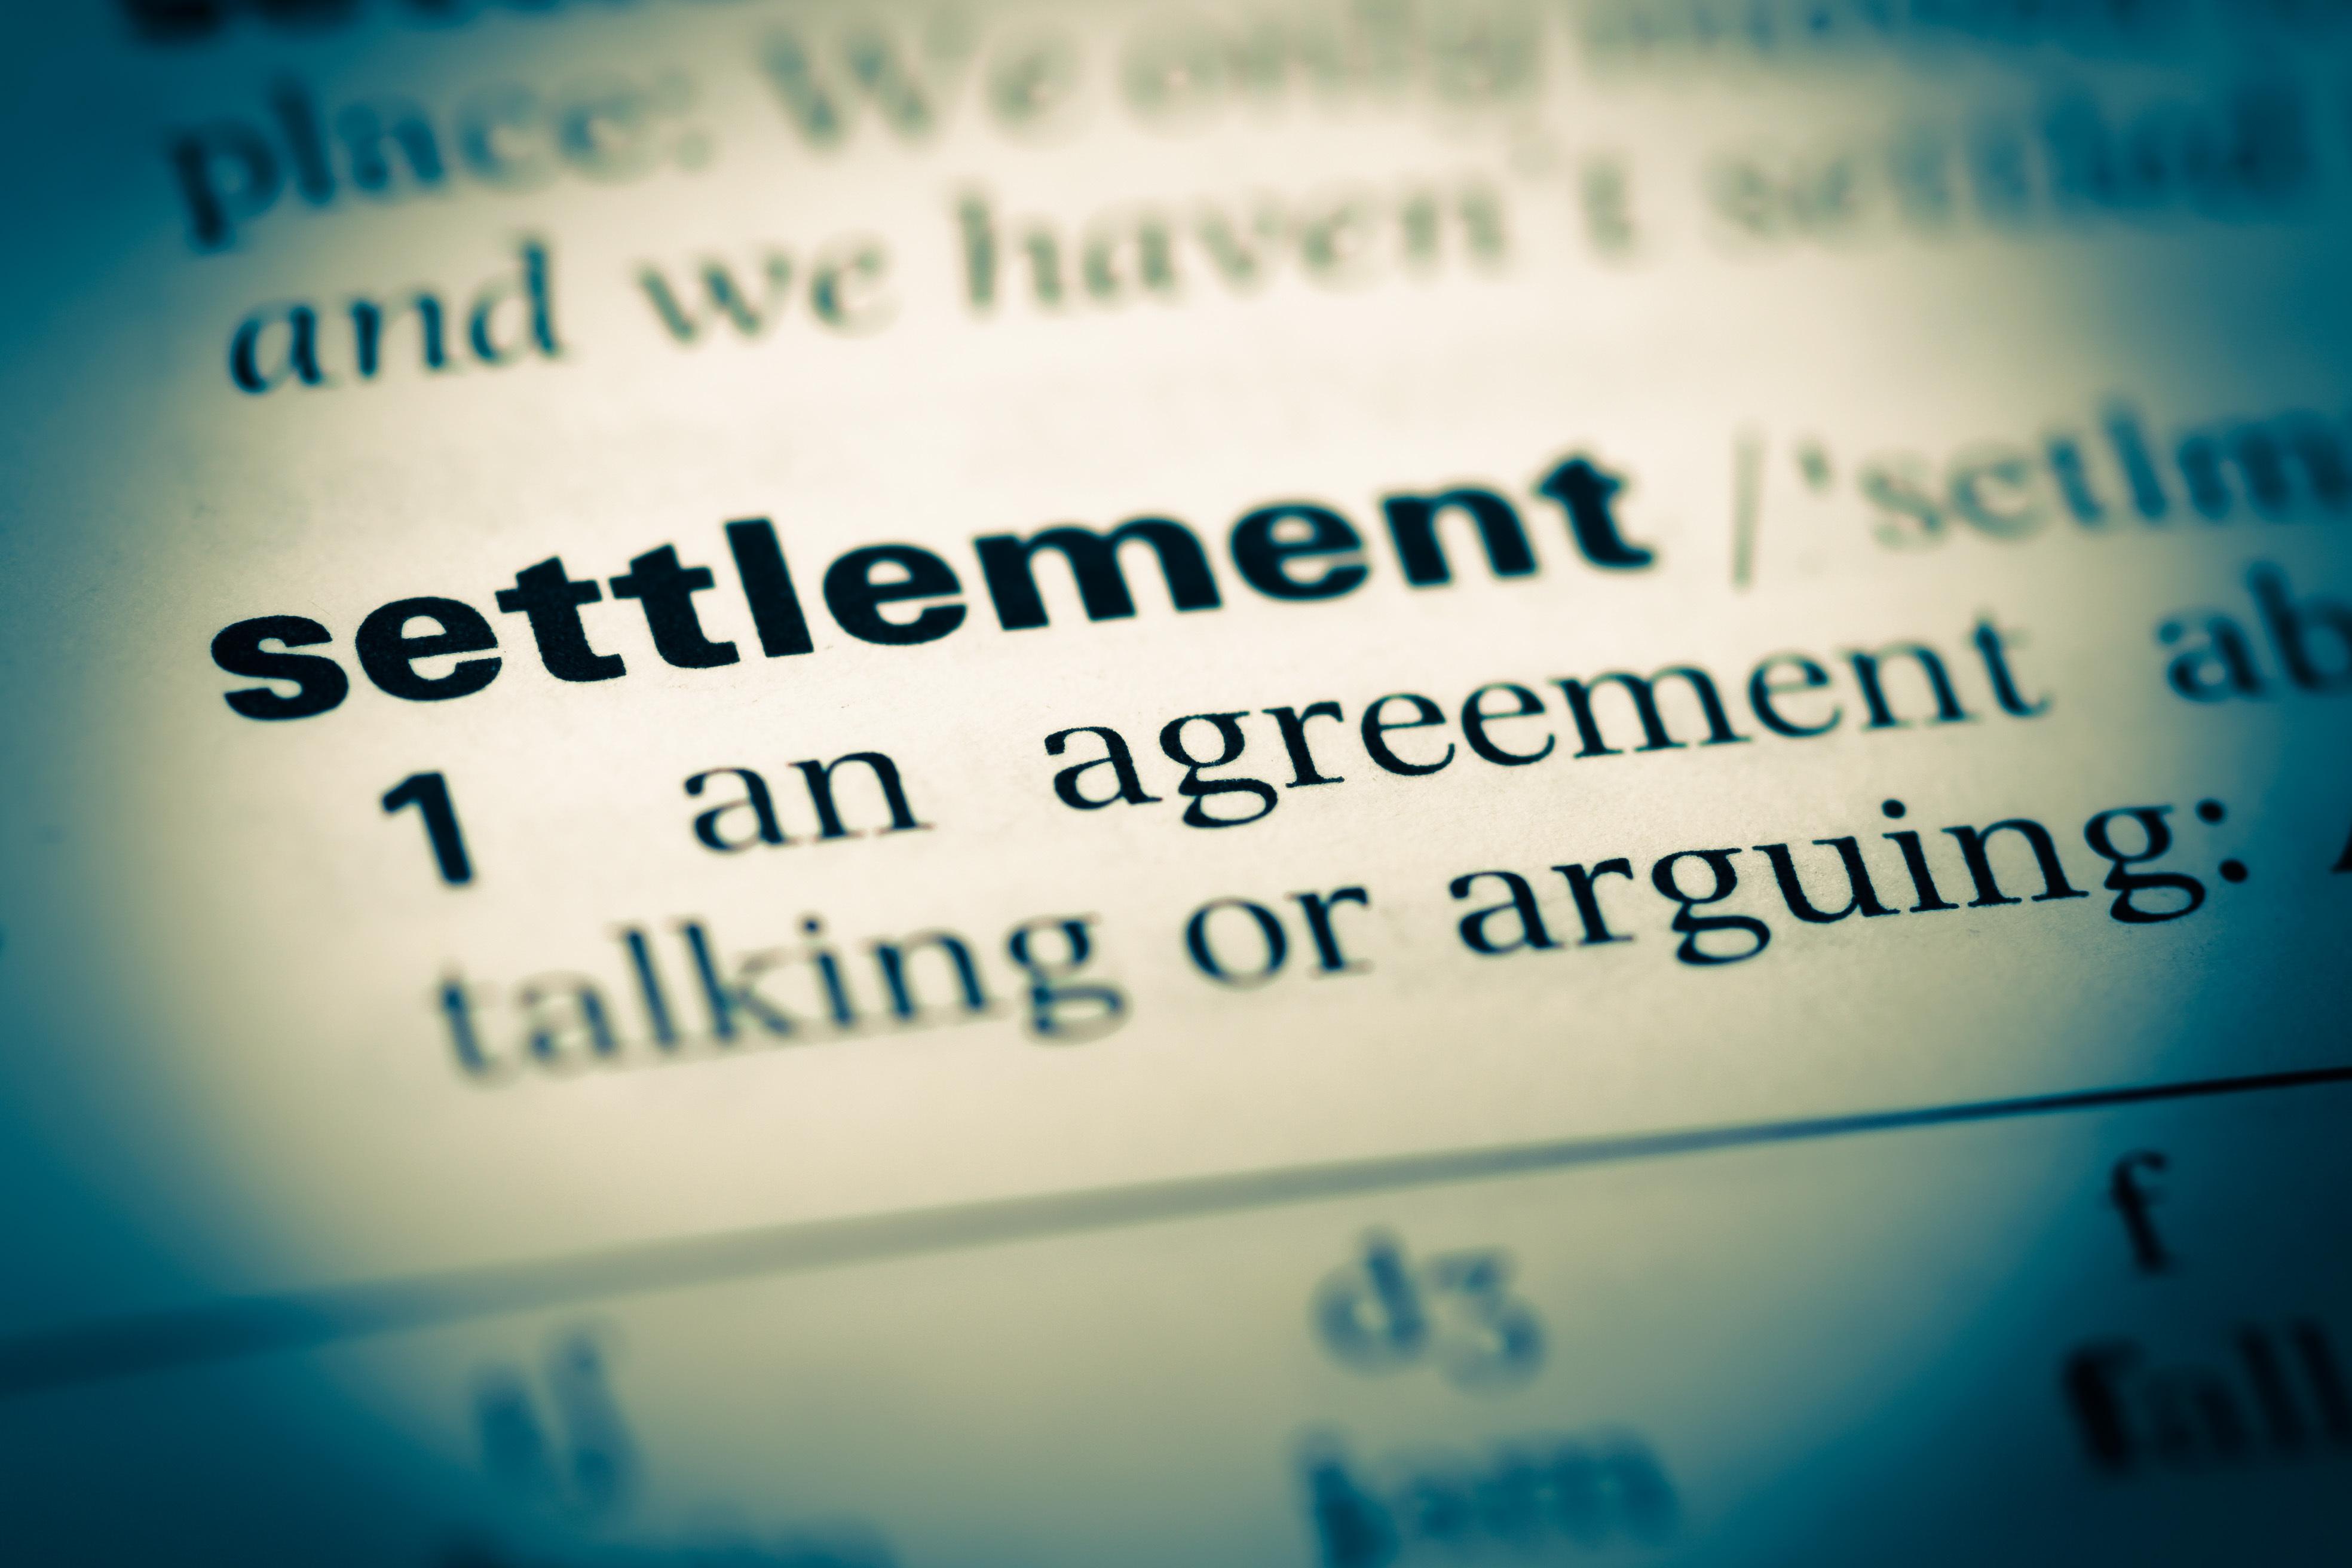 settlement agreement image